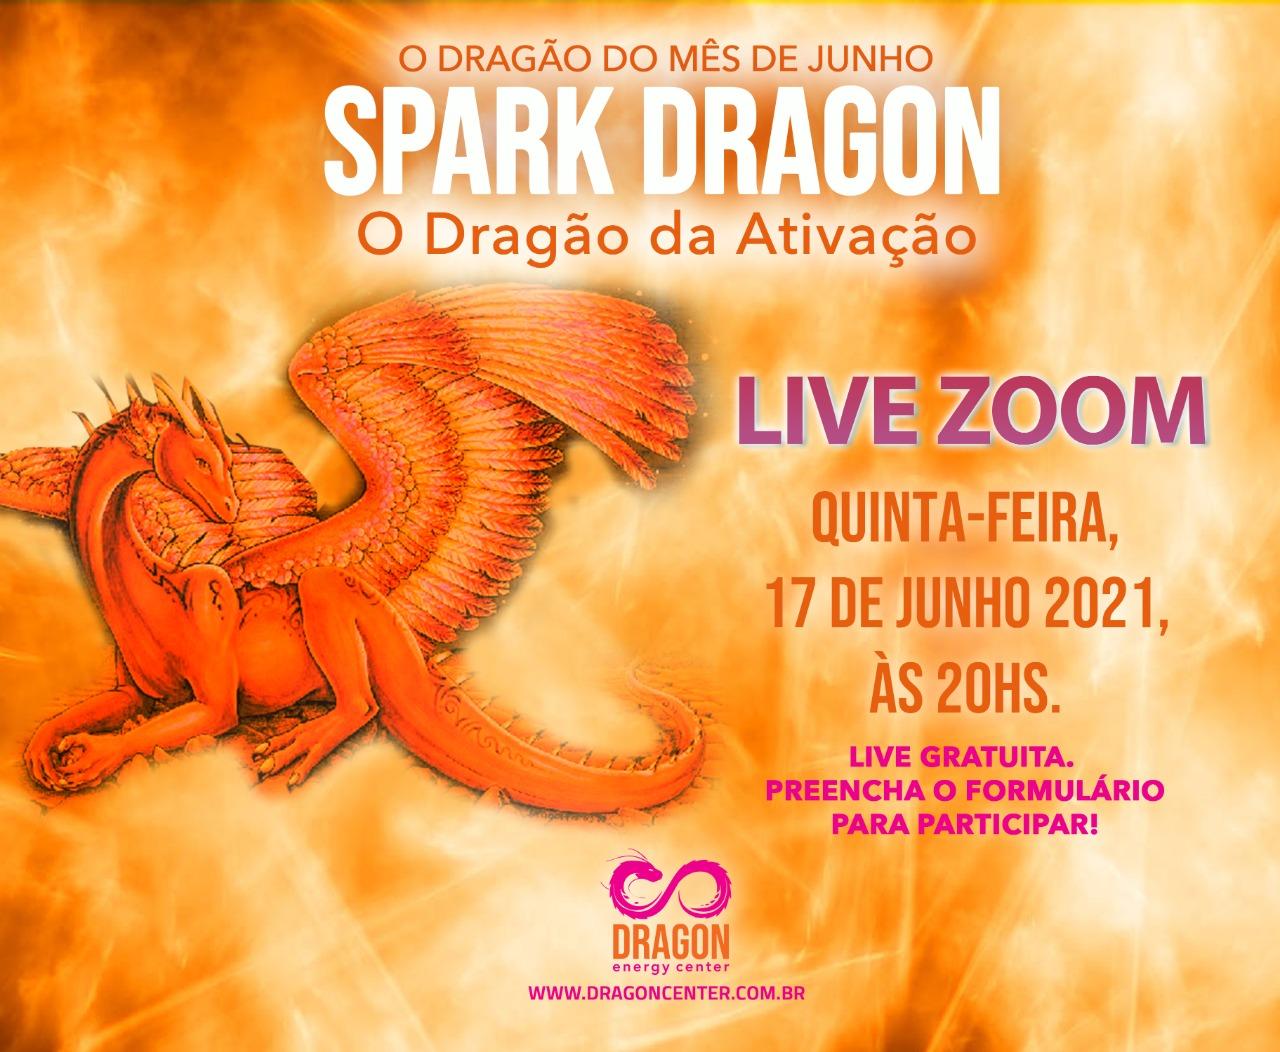 LIVE DRAGÃO DO MÊS - SPARK DRAGON